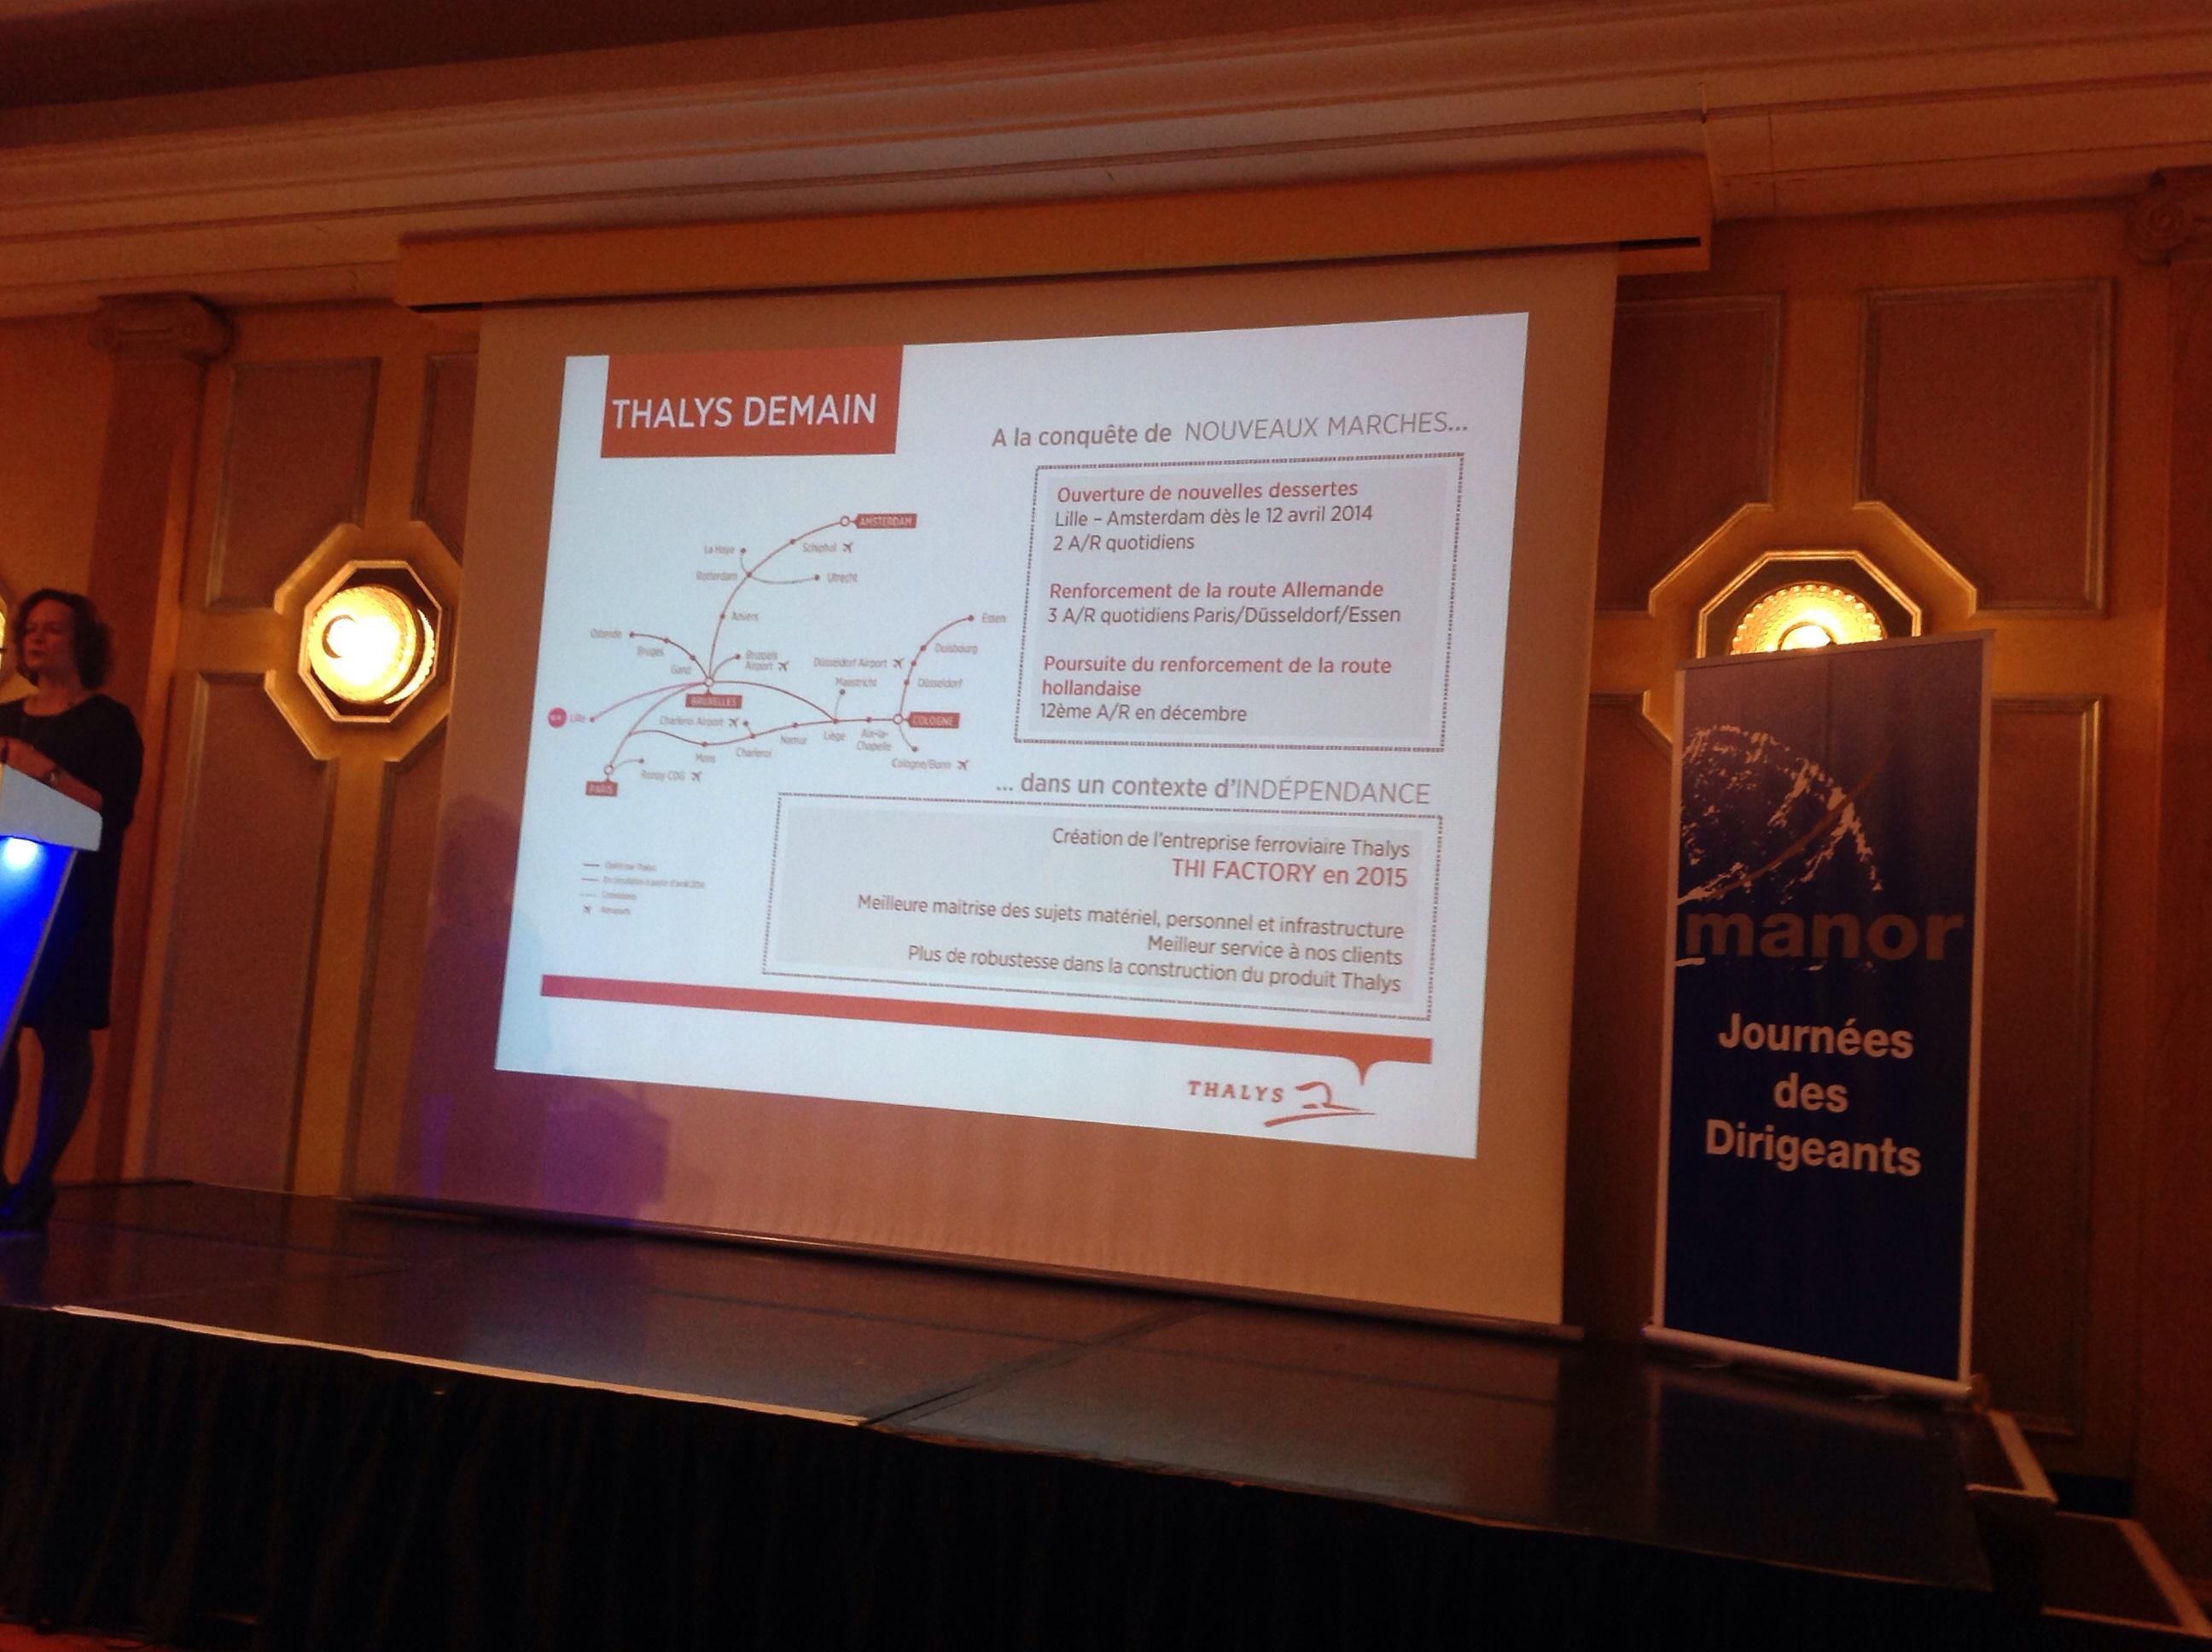 Thalys : nouvelles dessertes et création d'une entreprise ferroviaire (The Factory)